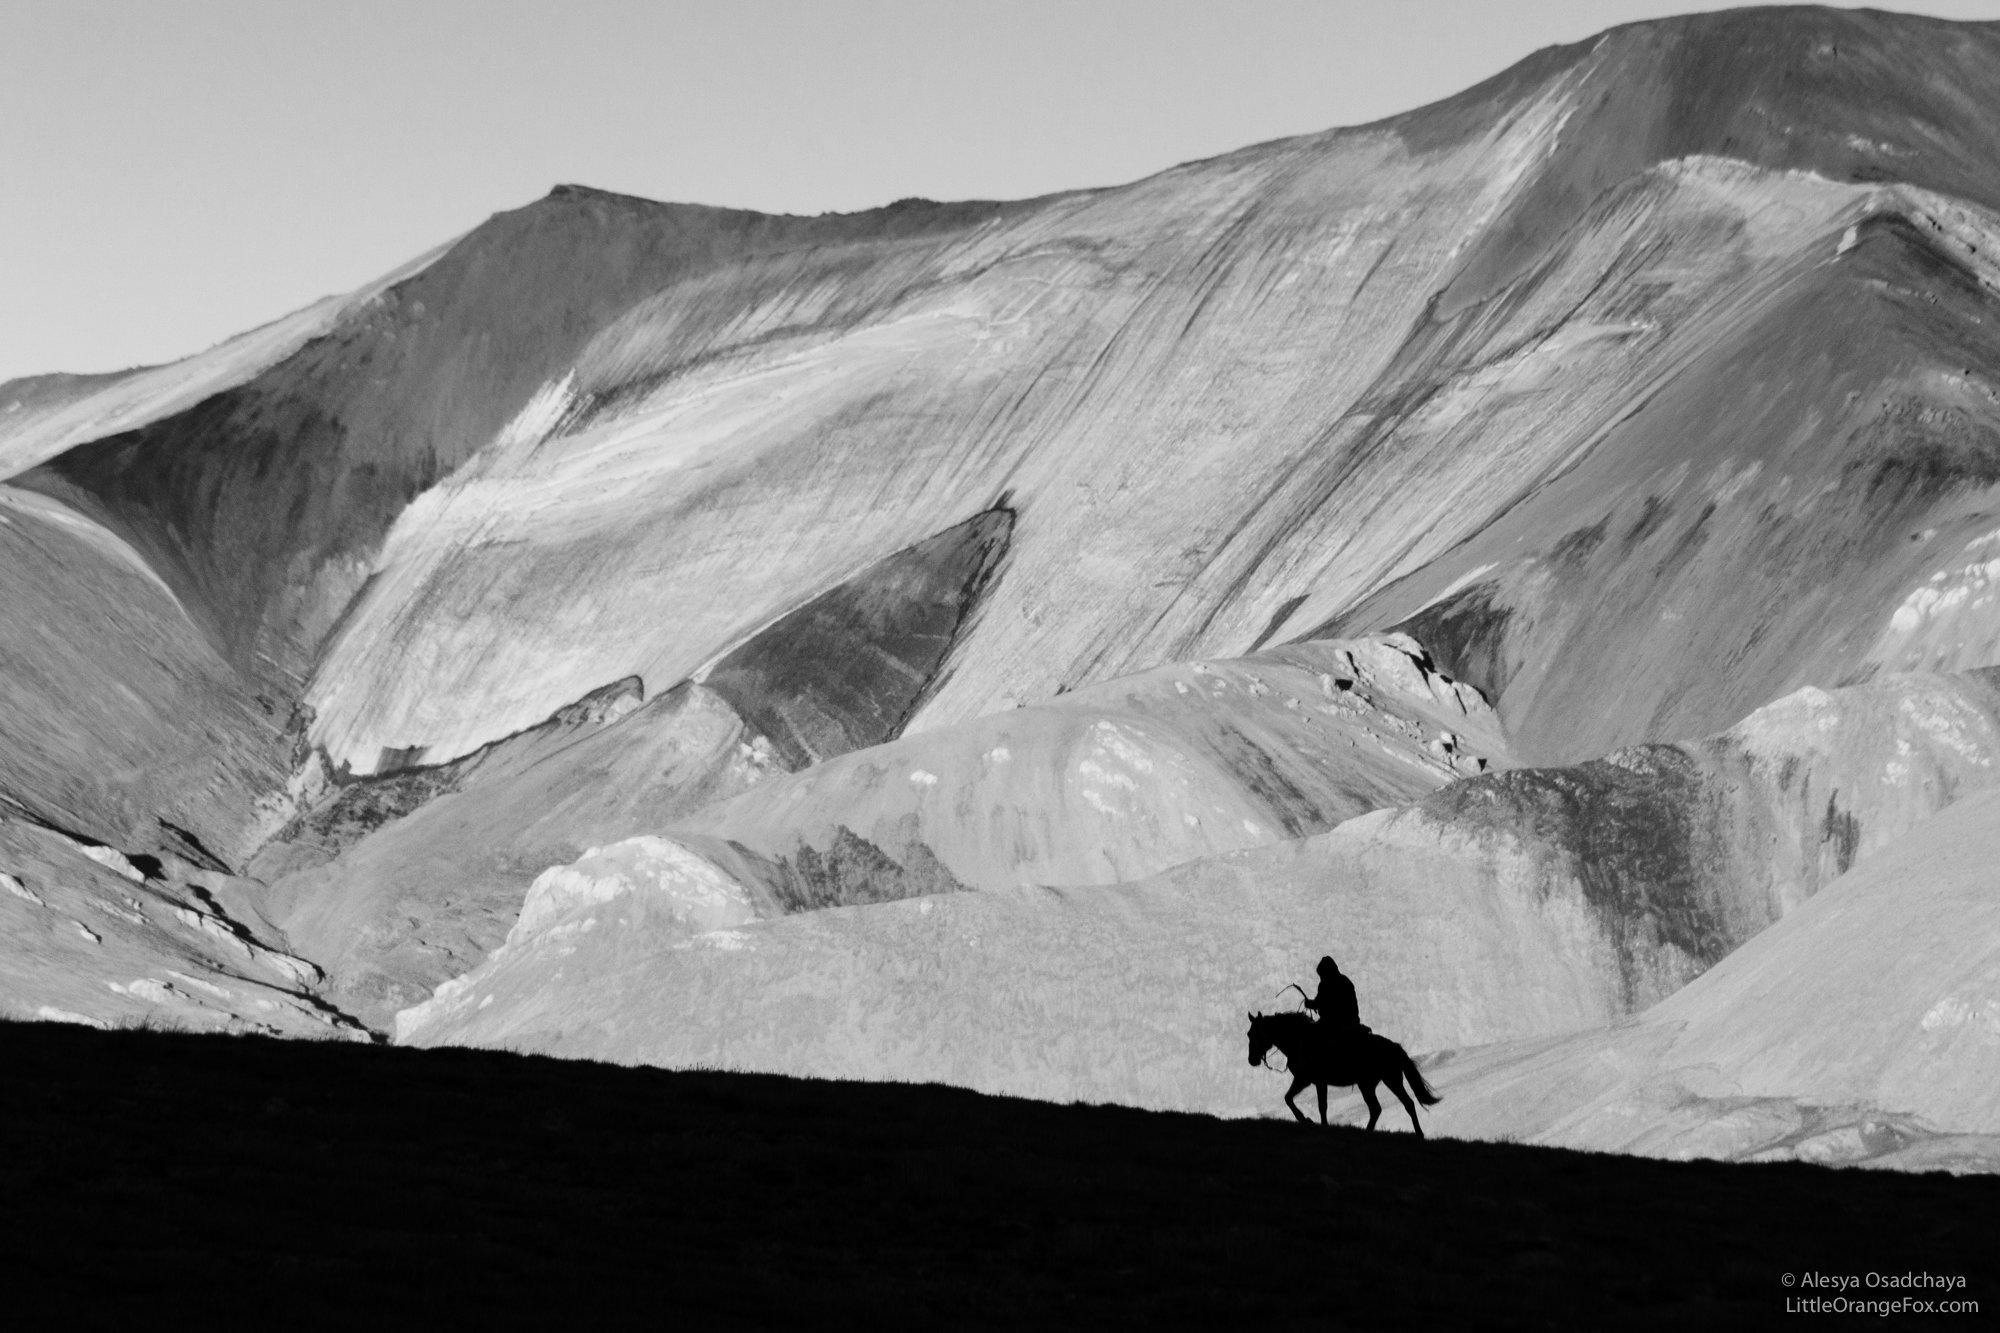 черно-белое, пейзаж, силуэт, горы, чабан, конь, Осадчая Алеся